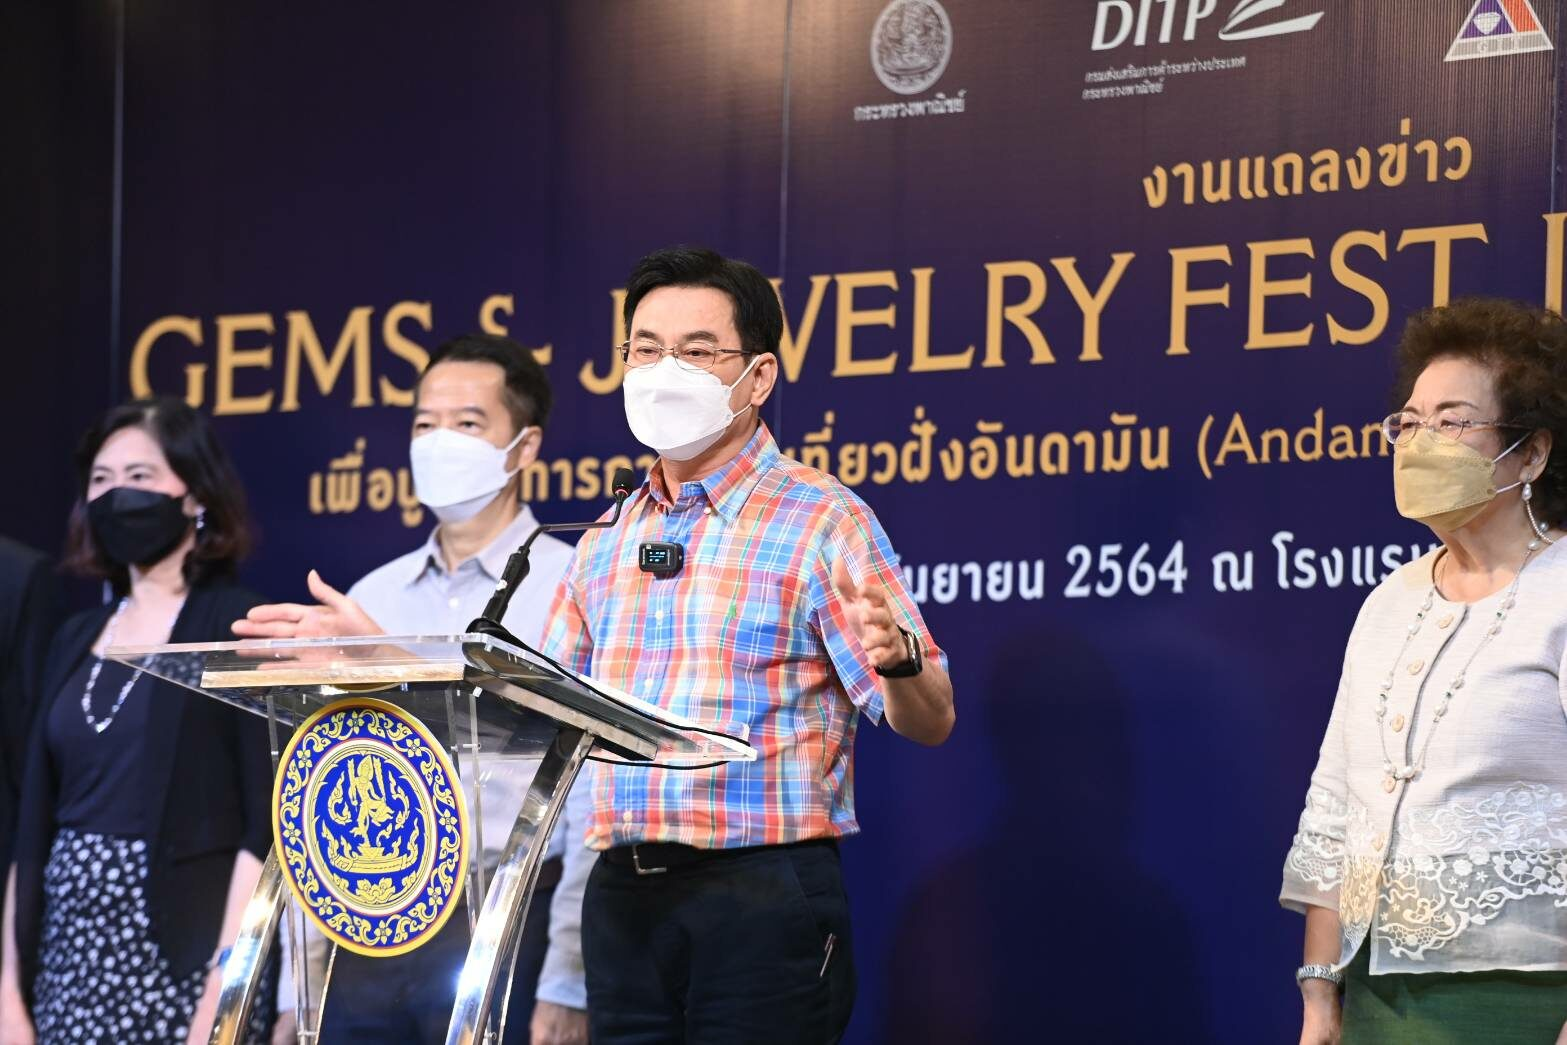 'จุรินทร์' นำ Phuket Gems Fest ช่วยชาติ ชู 4 ยุทธศาสตร์ดึงความร่วมมือ